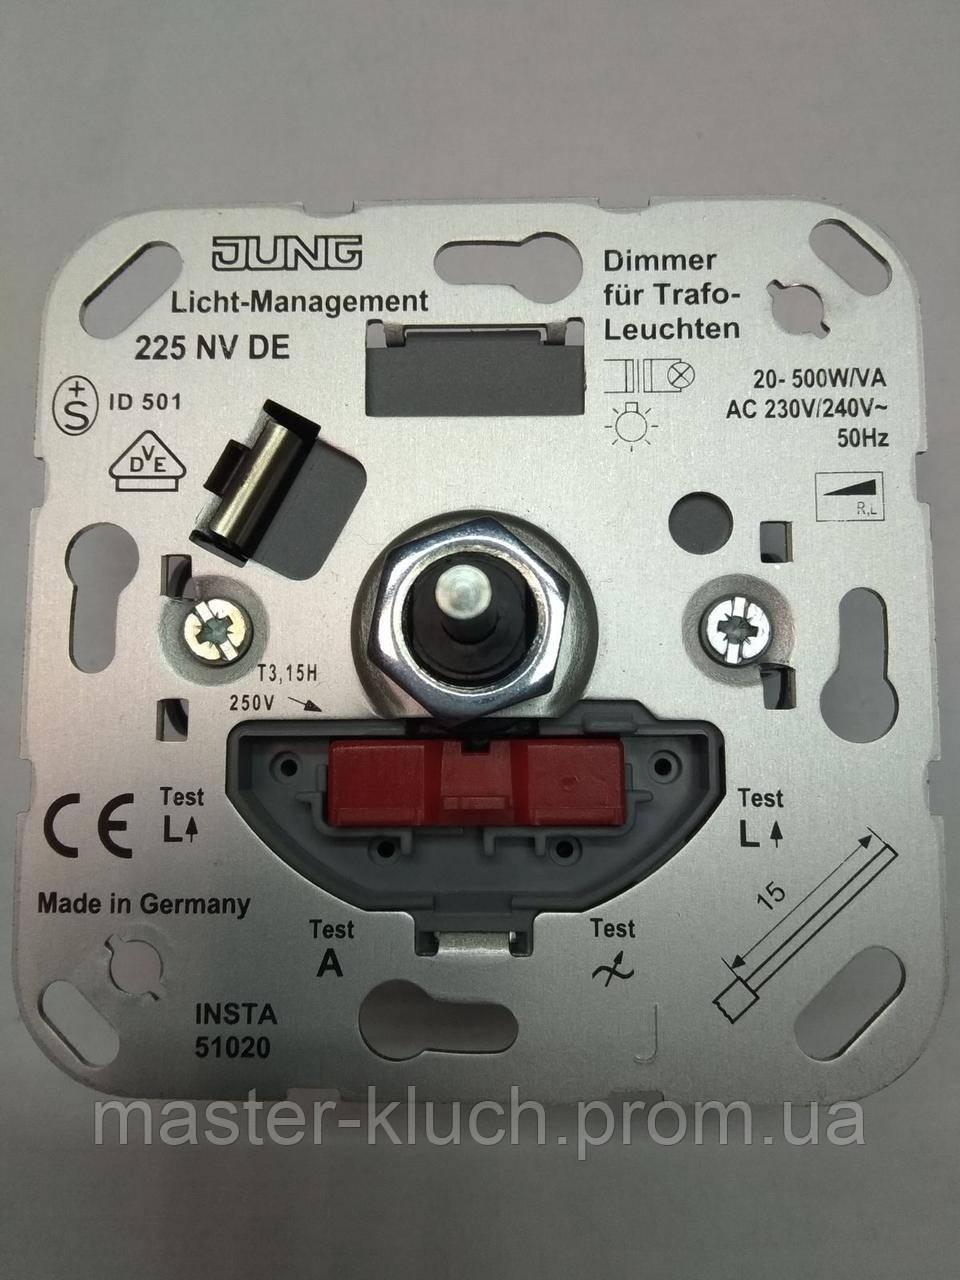 Диммер роторный  20 - 500 Вт/ВА Jung 225 NVDE механизм